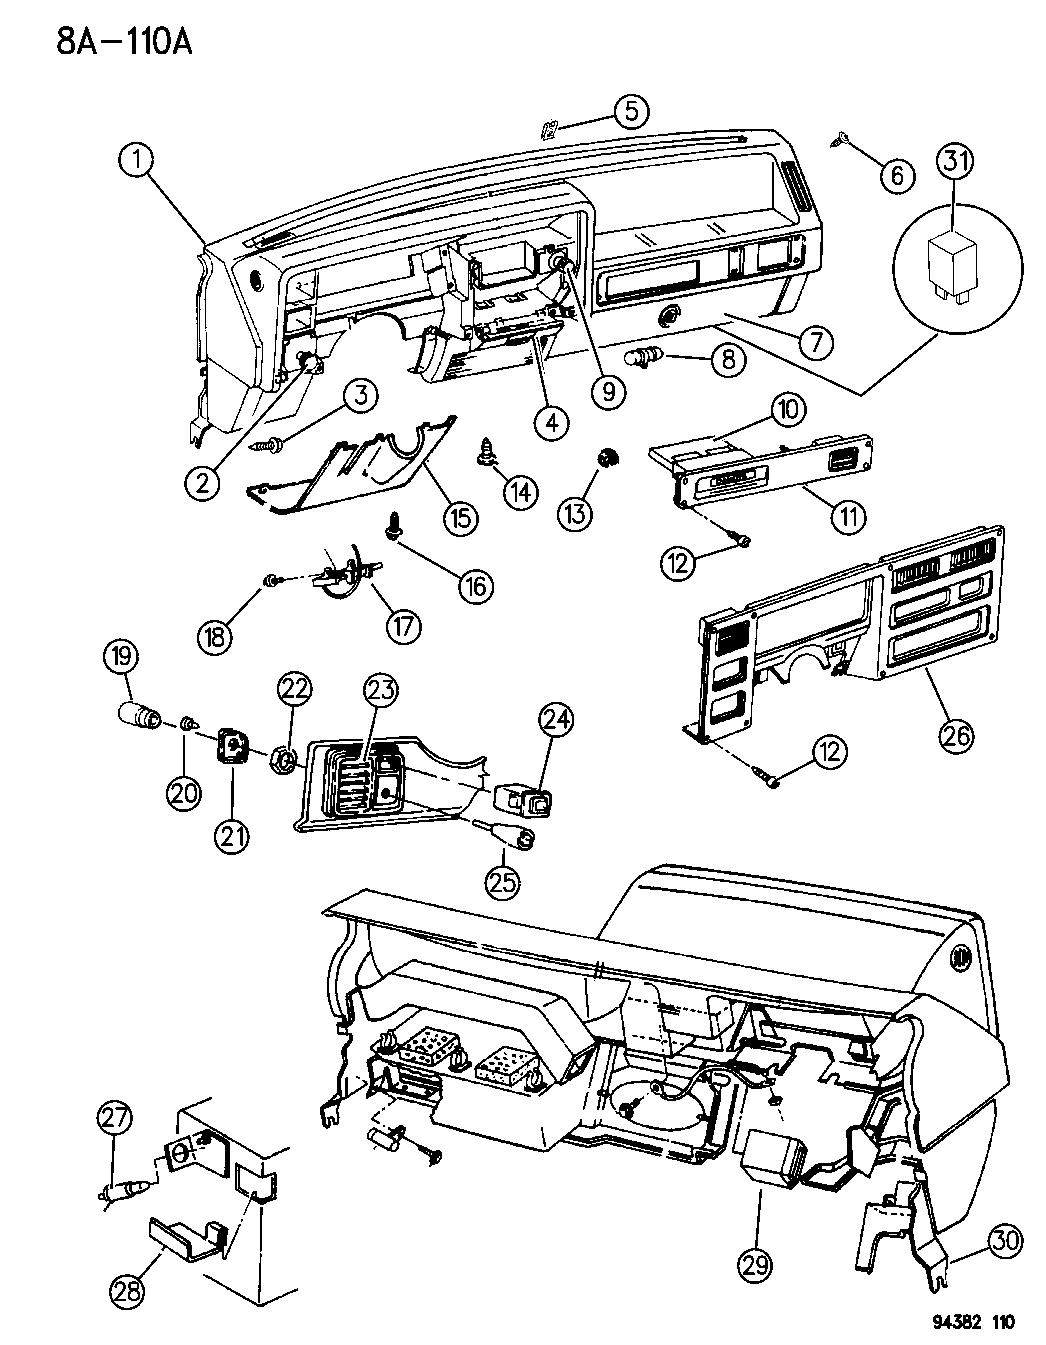 1994 Dodge Dakota Instrument Panel